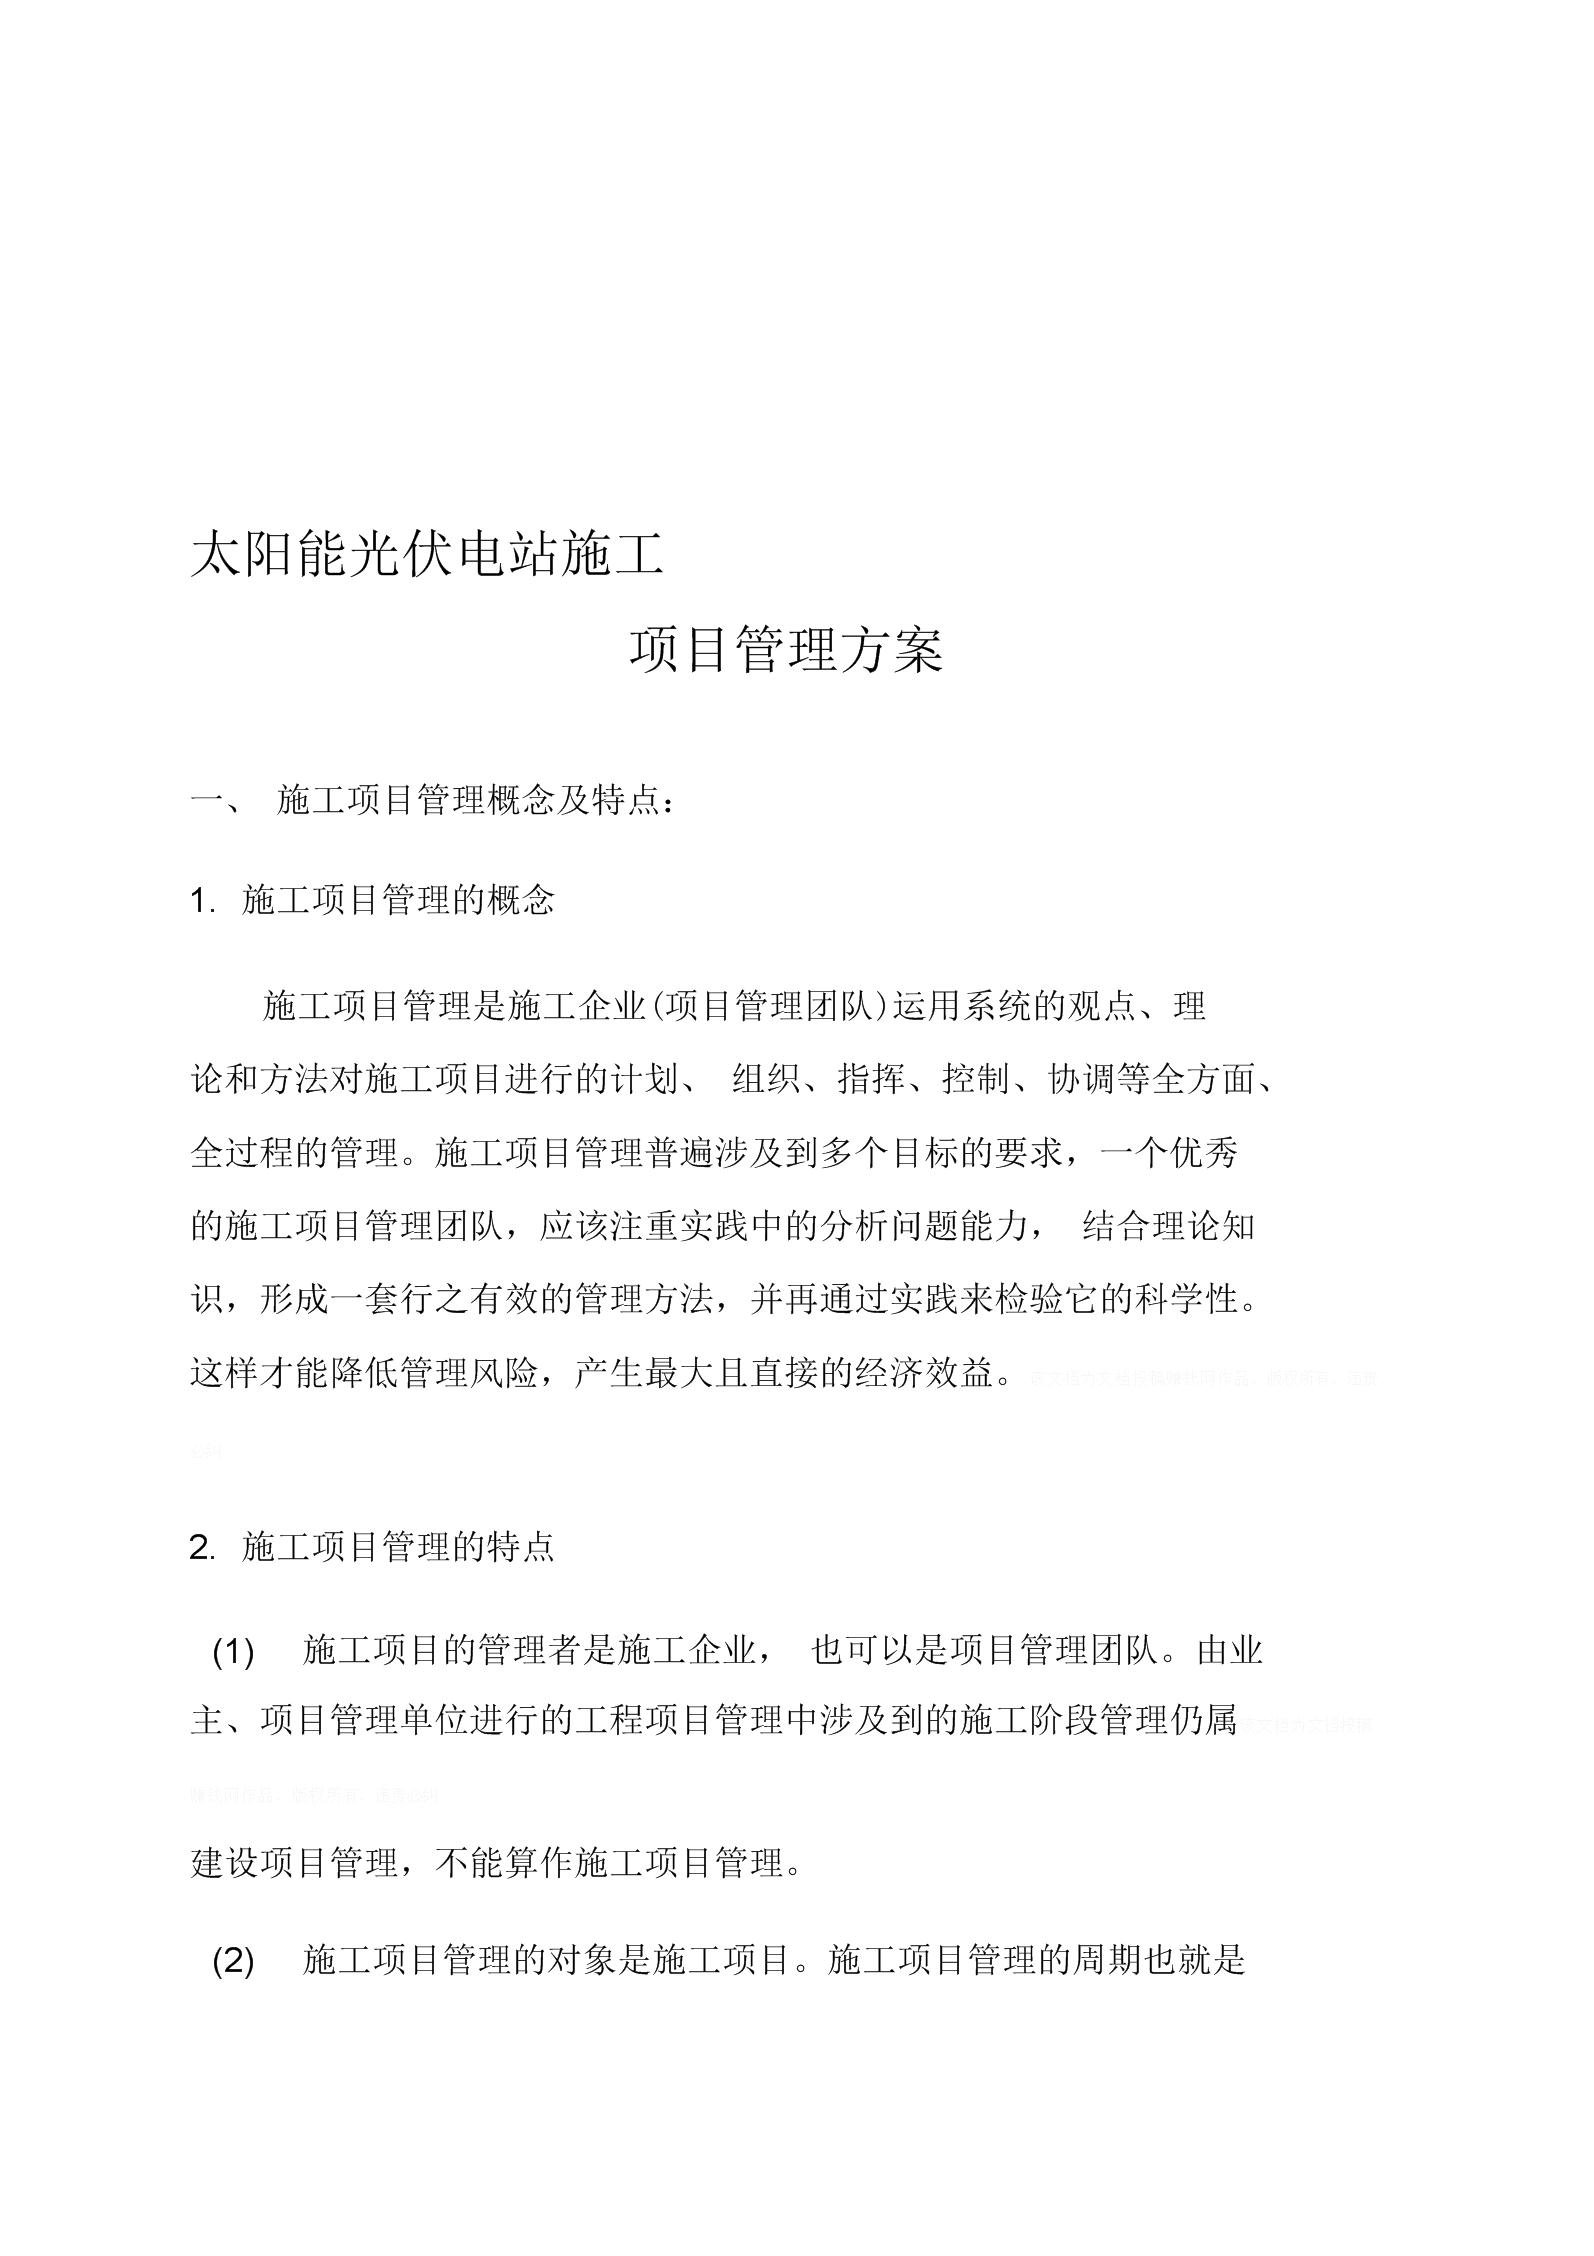 太阳能项目施工管理方案.docx